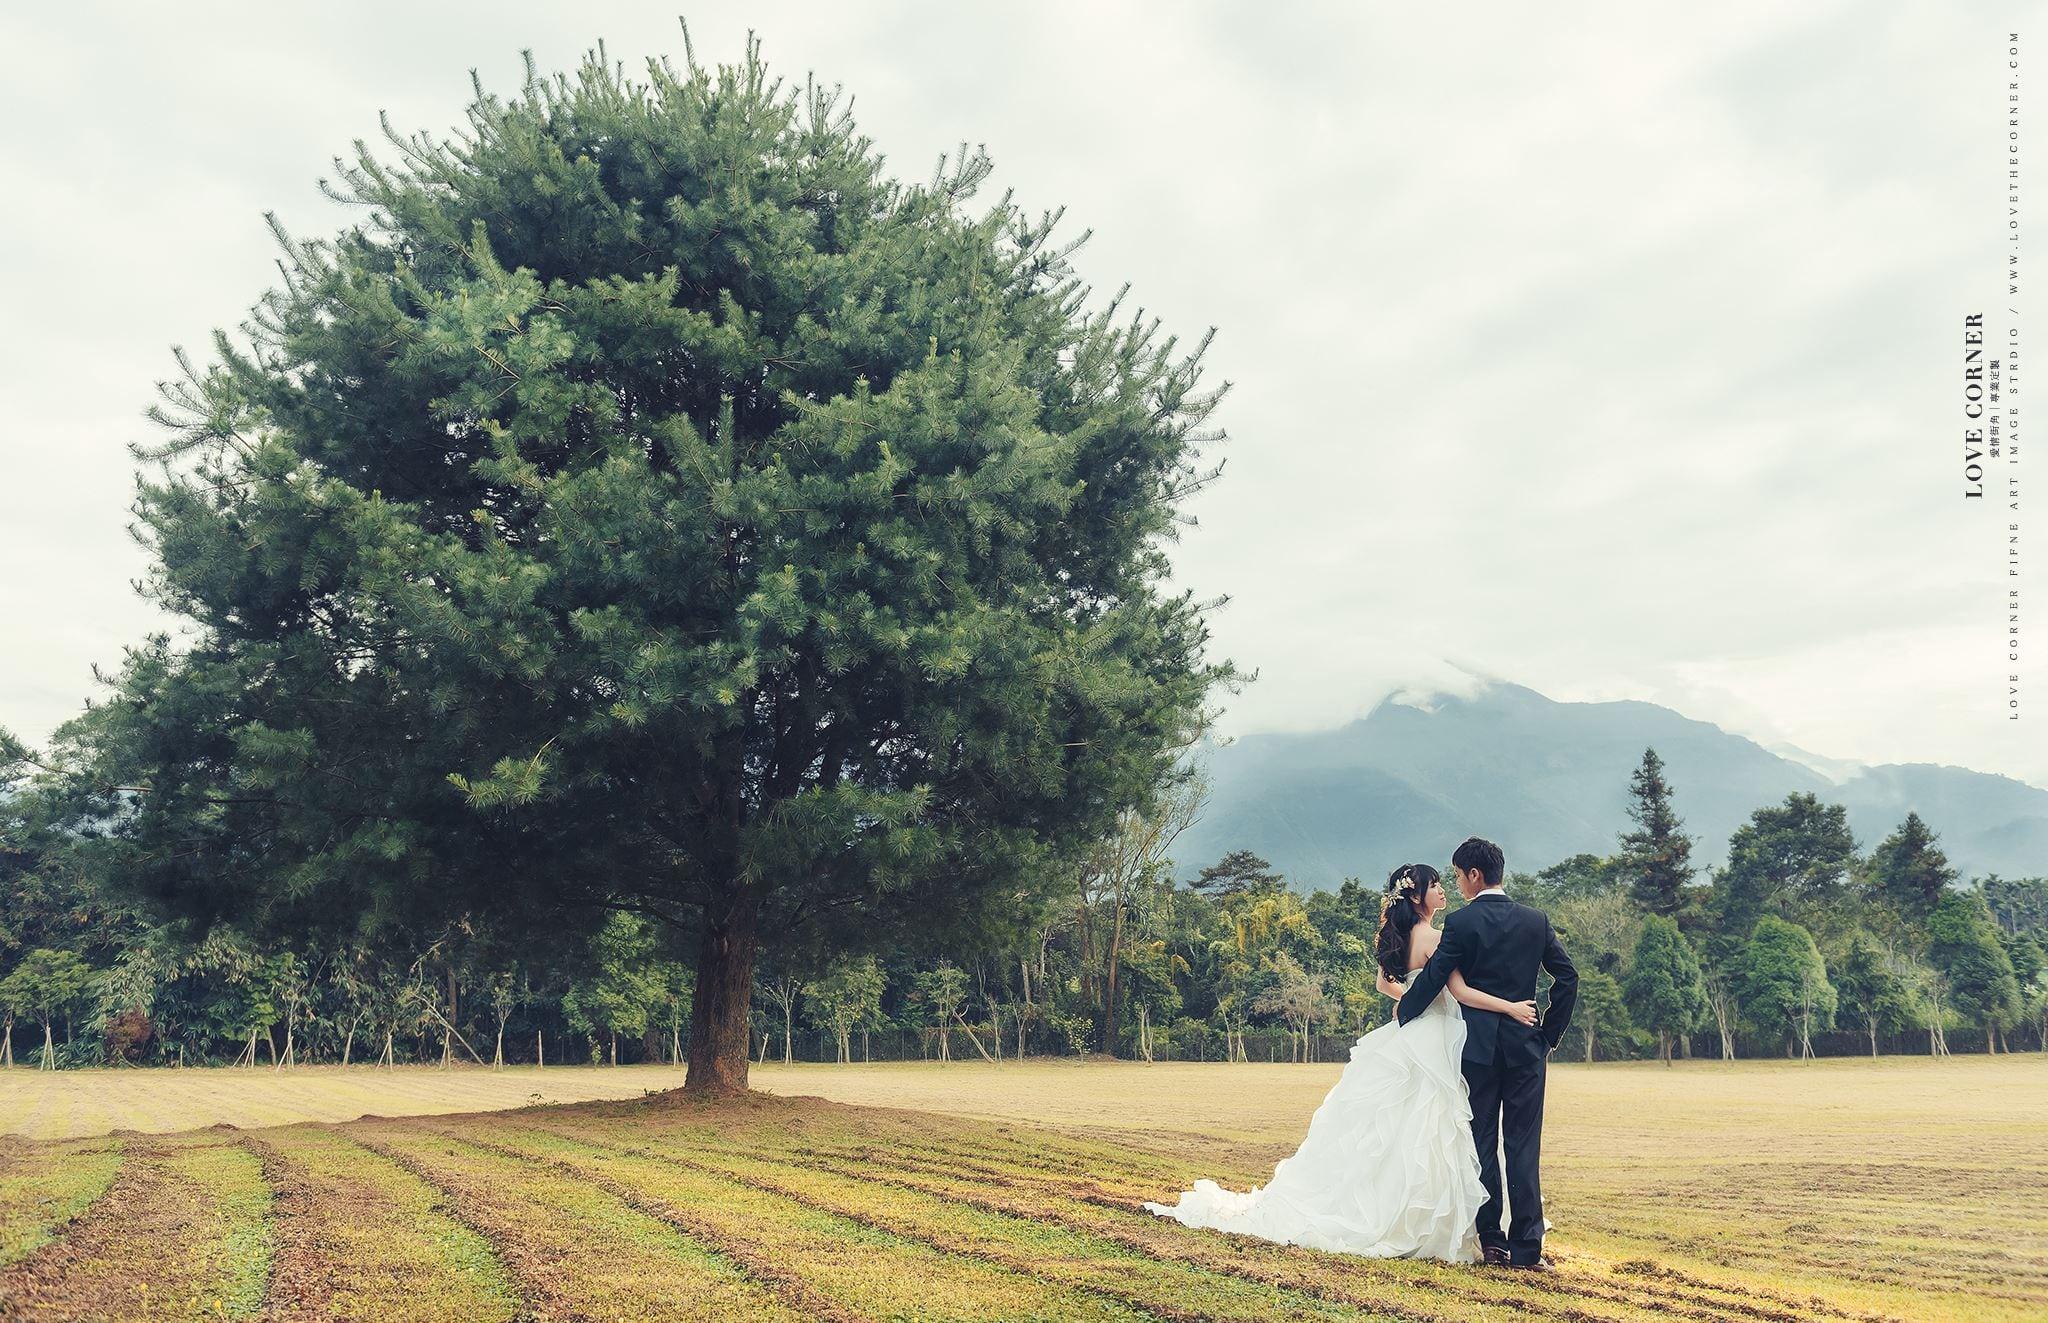 日月潭婚紗|三育基督書院|自助婚紗|向山|愛情街角